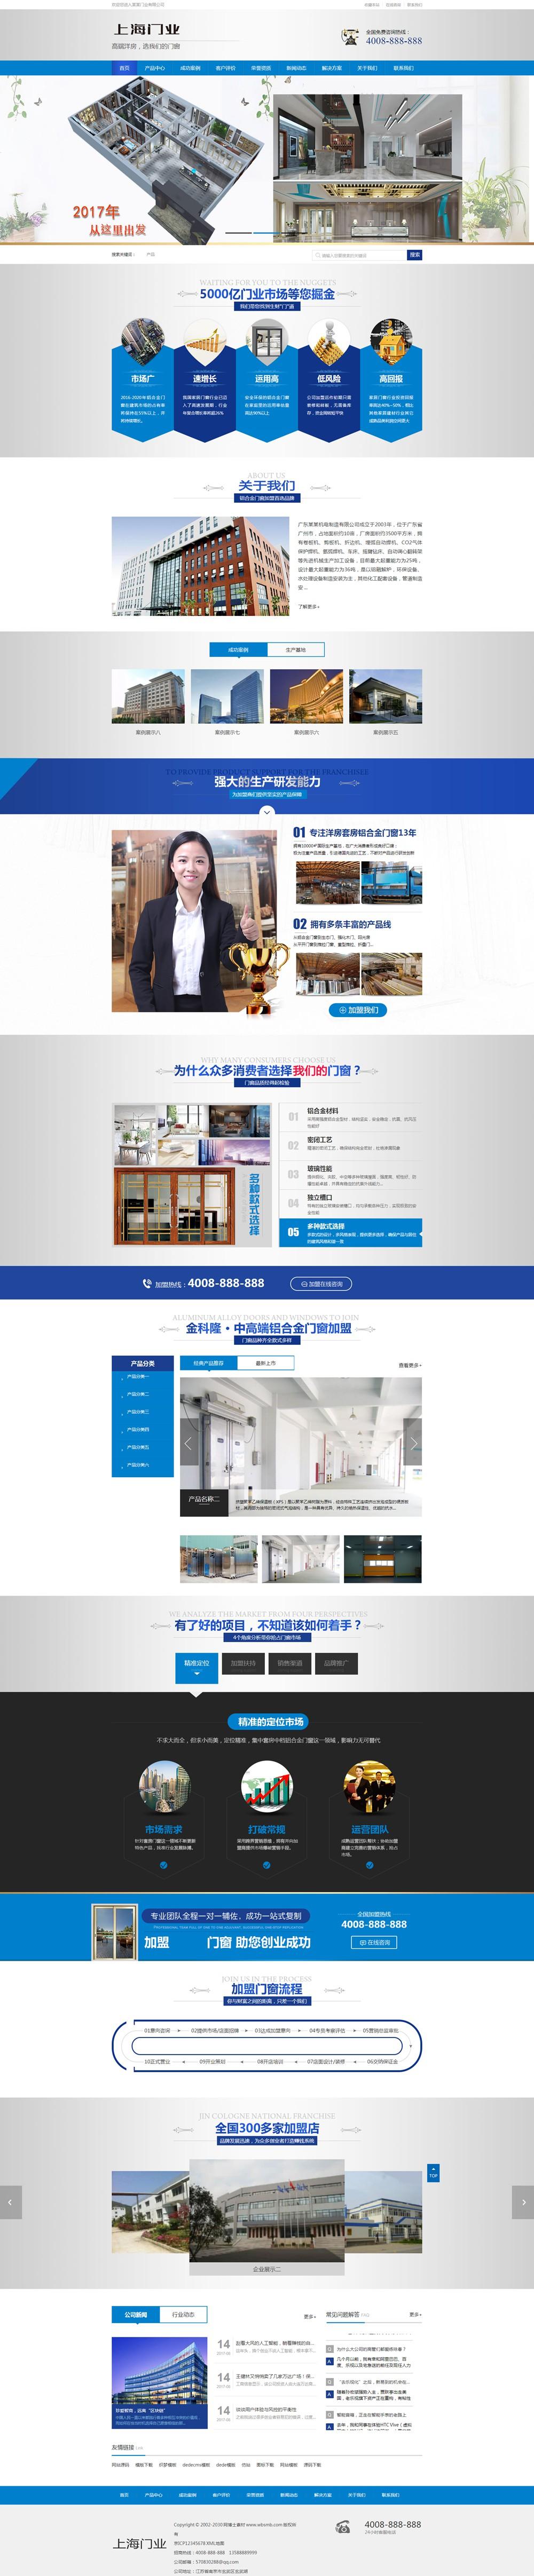 (带手机版数据同步)营销型门业木材铝合金门窗类网站织梦模板 蓝色铝合金门业网站源码